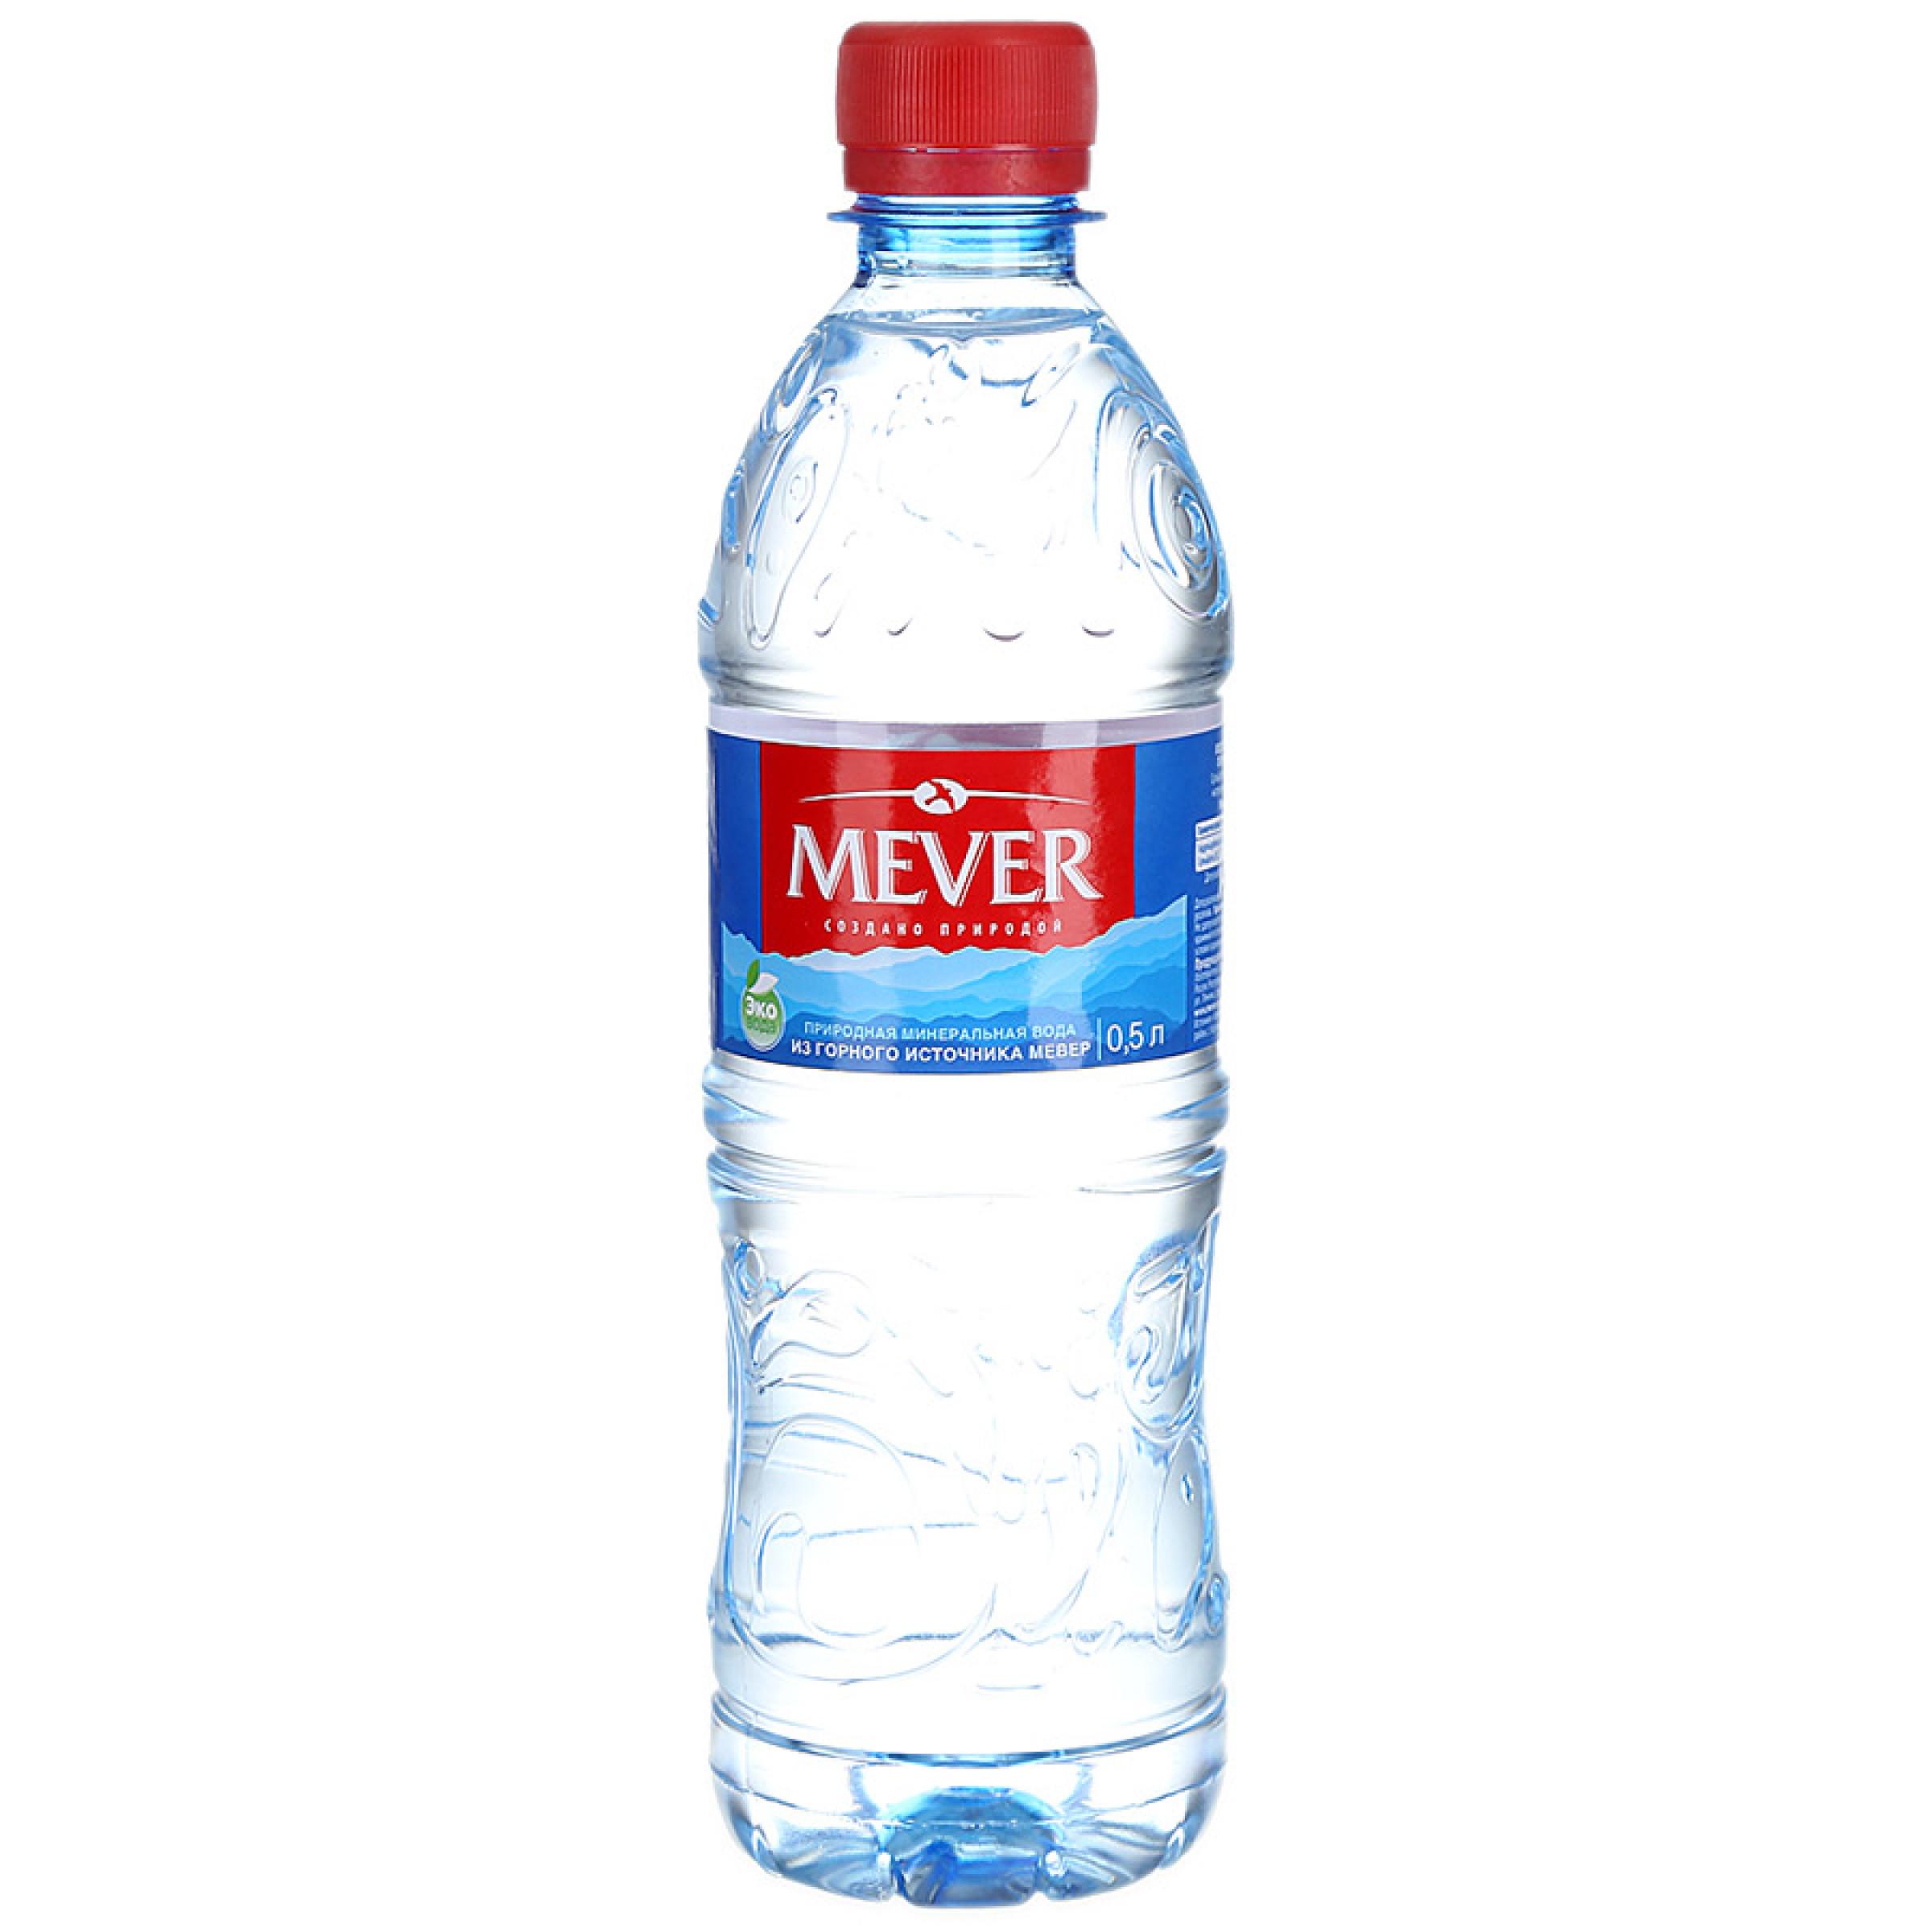 Вода минеральная негазированная Мевер, 500 мл